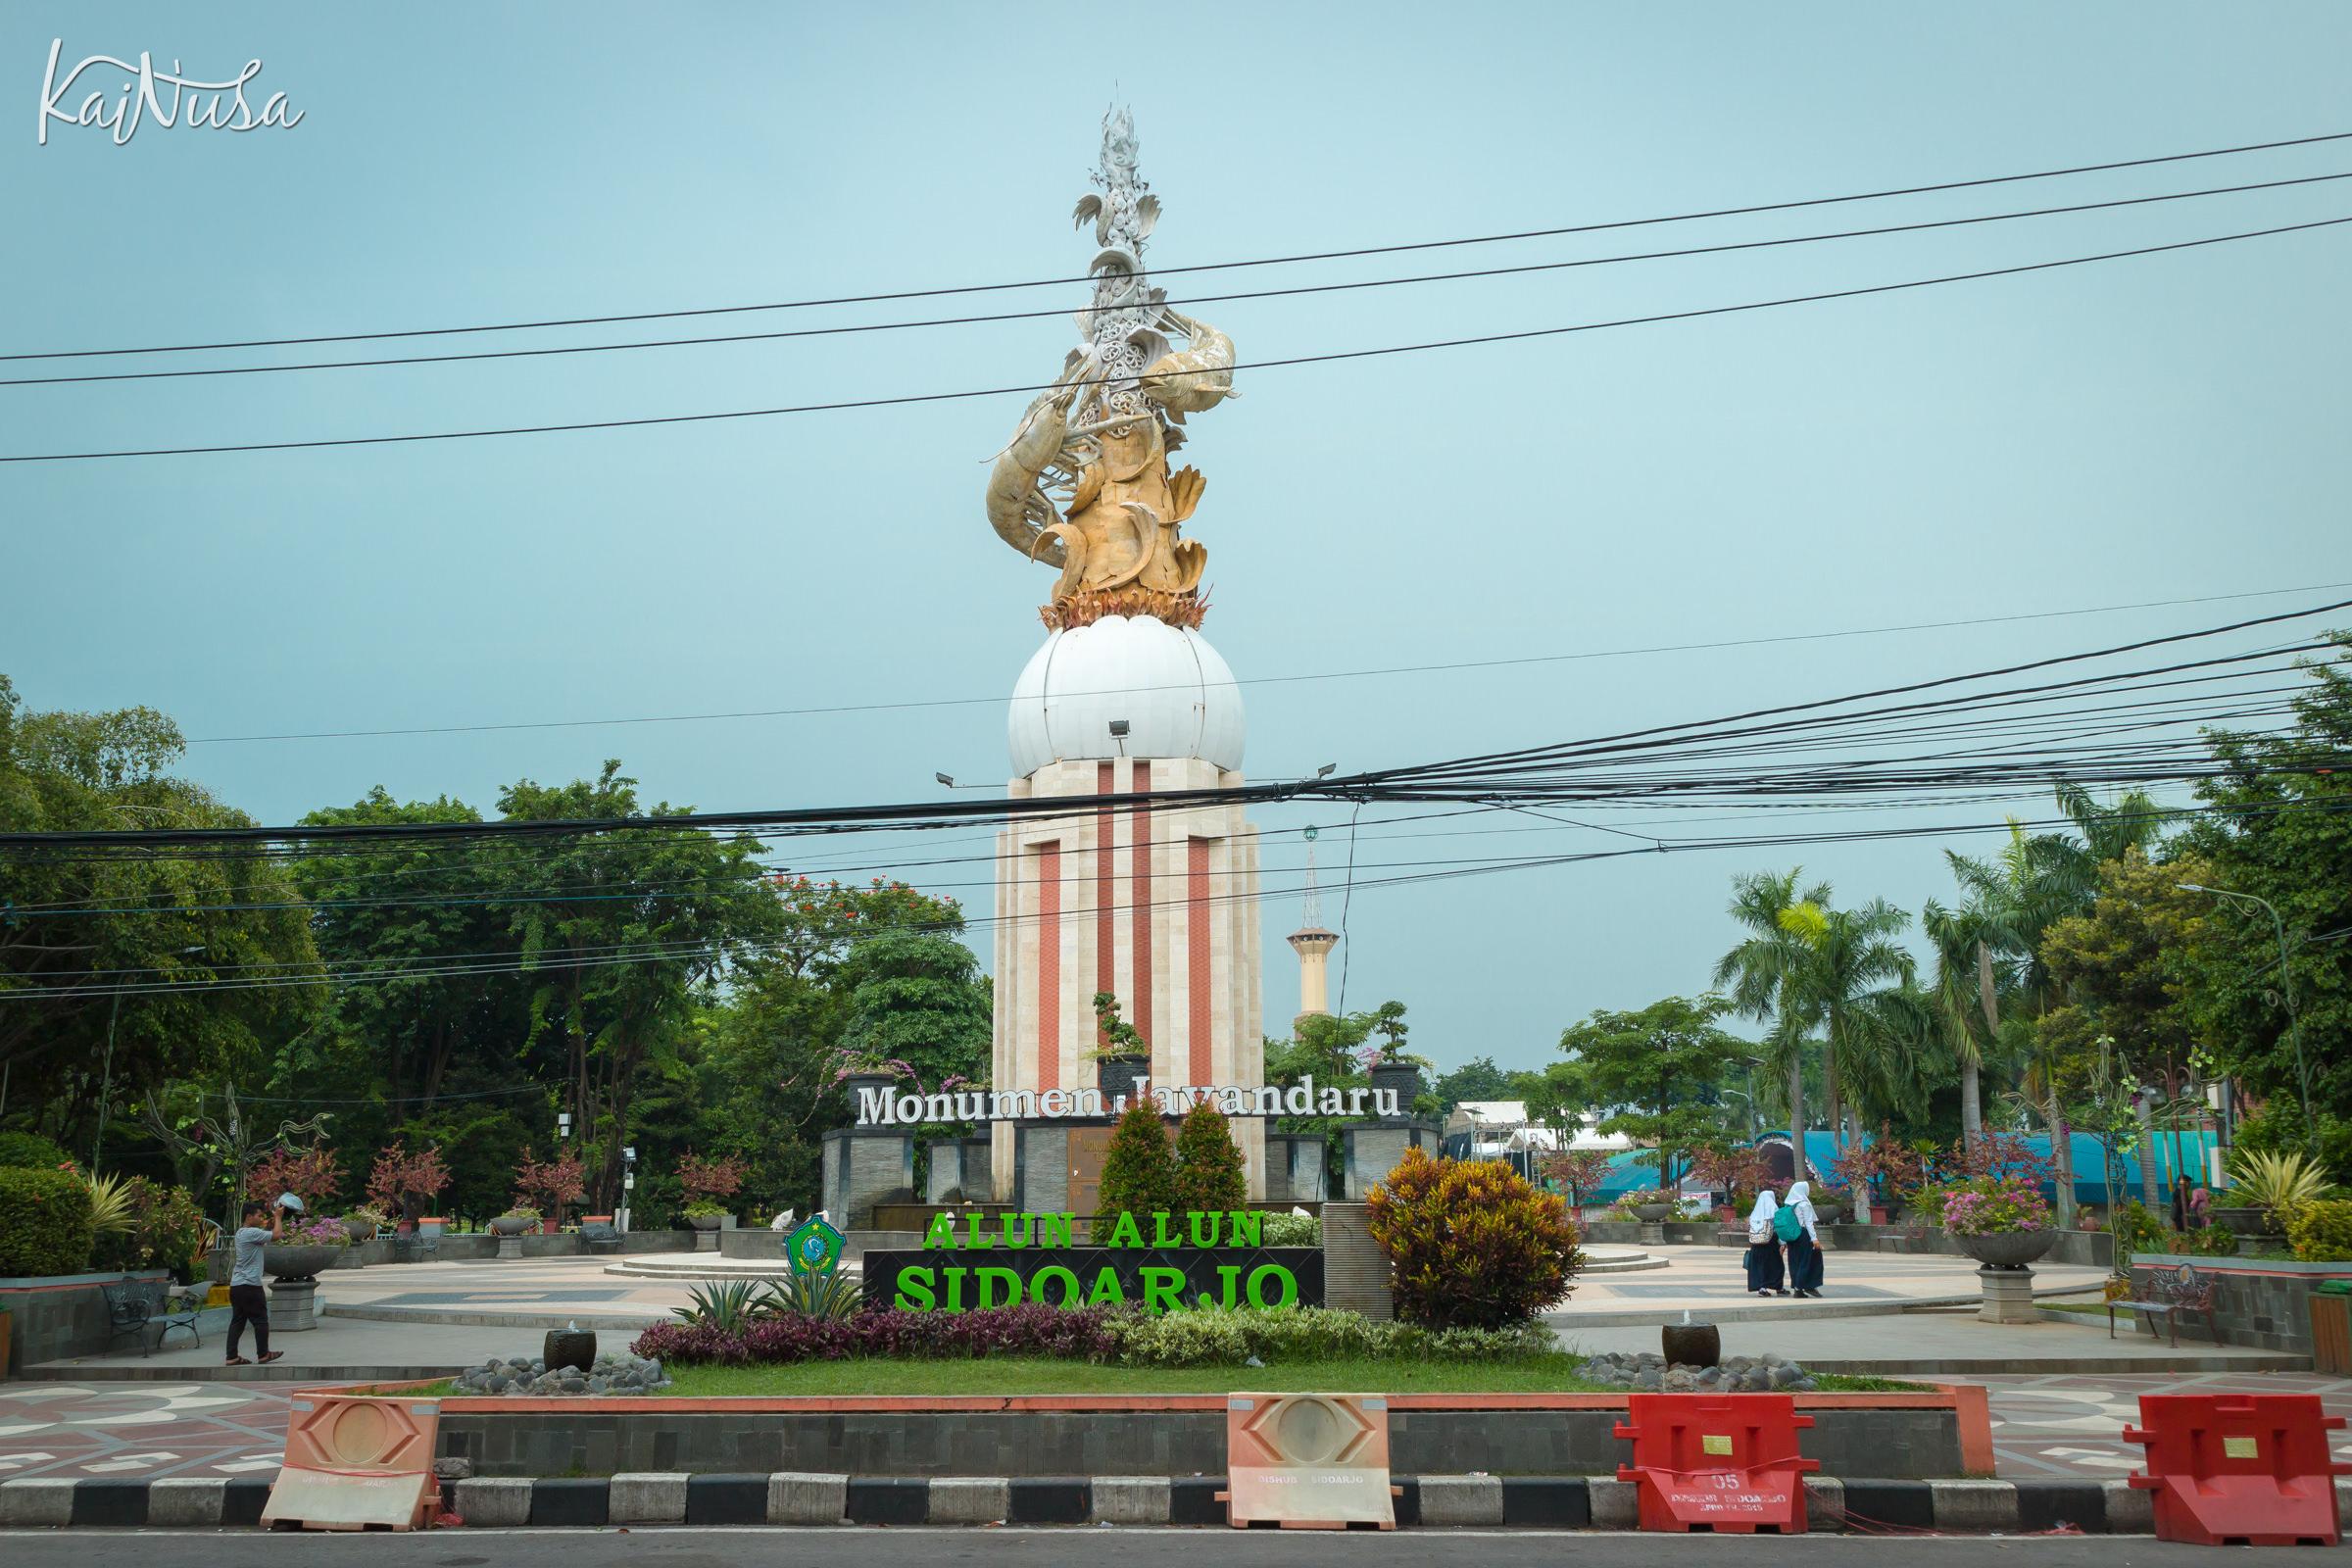 Kampoeng Batik Jetis Jurnal Kainusa Alun Kota Sidoarjo Wisata Kab